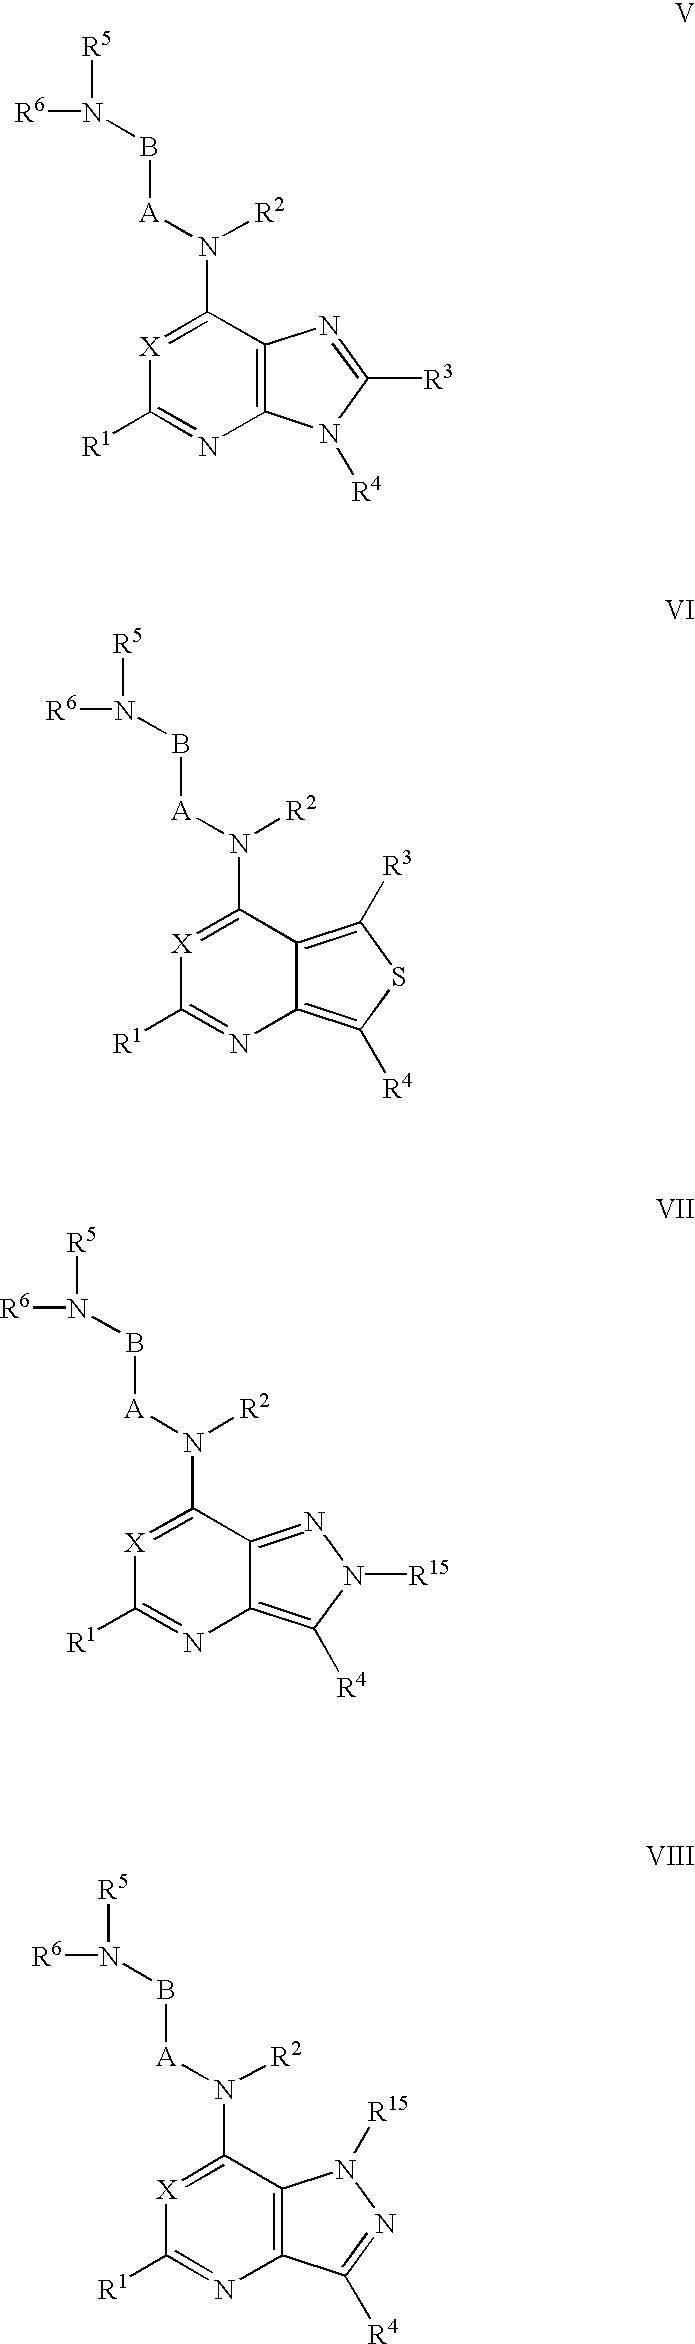 Figure US06506762-20030114-C00005